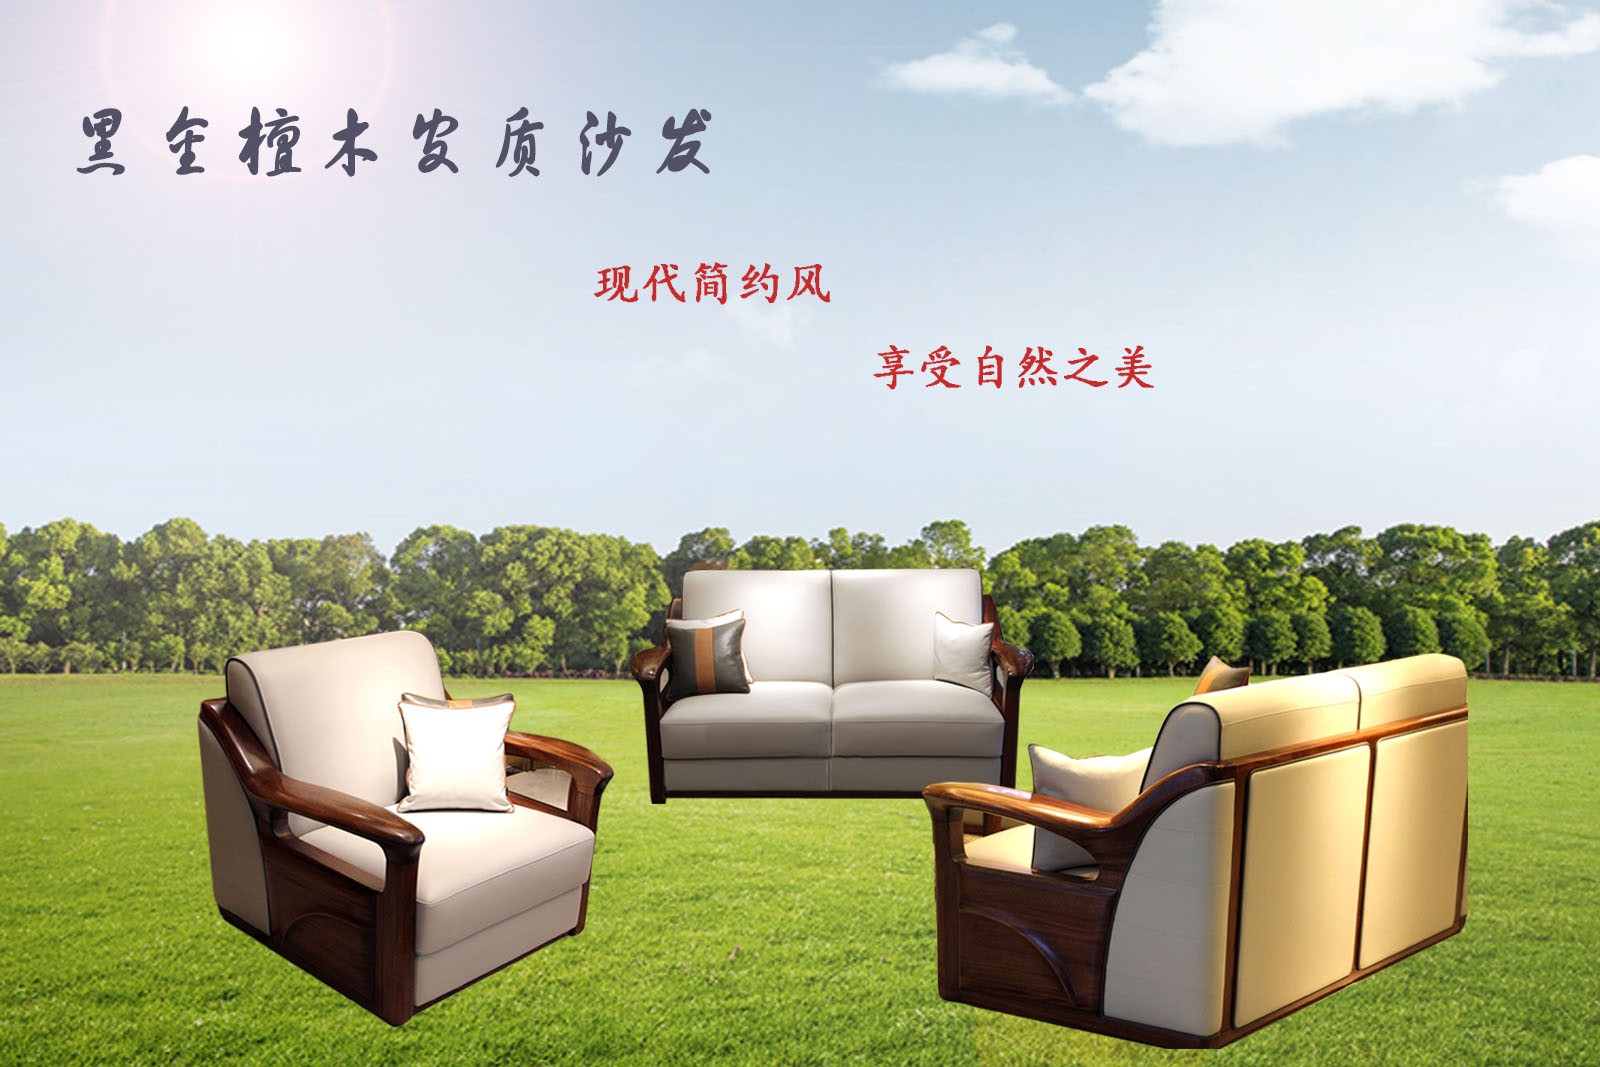 黑金檀木现代简约风沙发让您享受自然生活